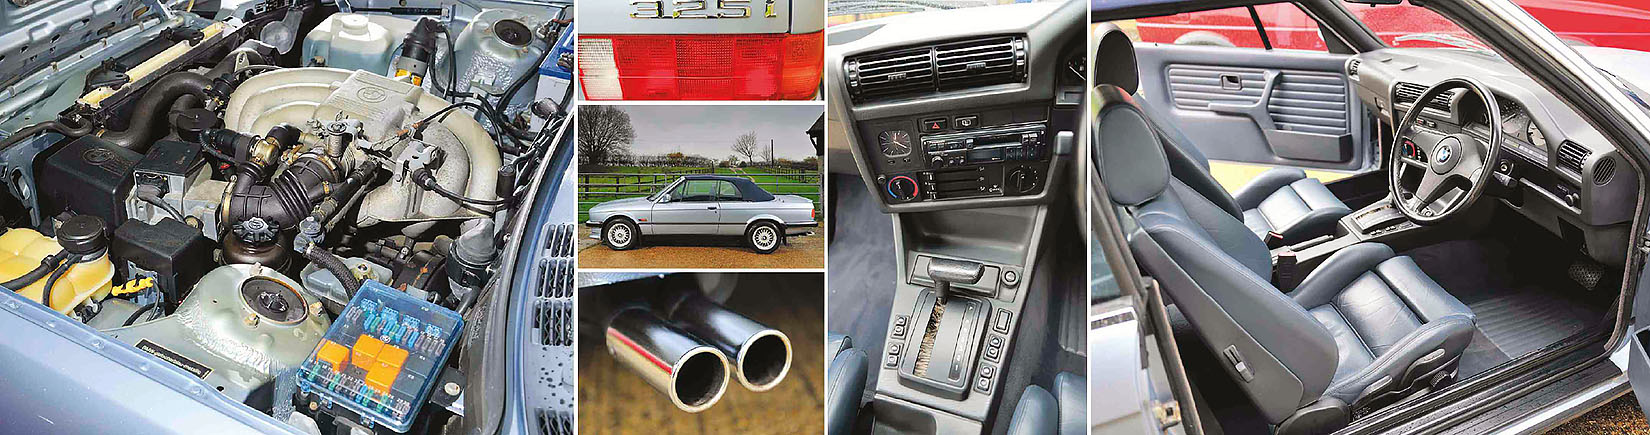 BMW 325i E30 Cabrio - road test